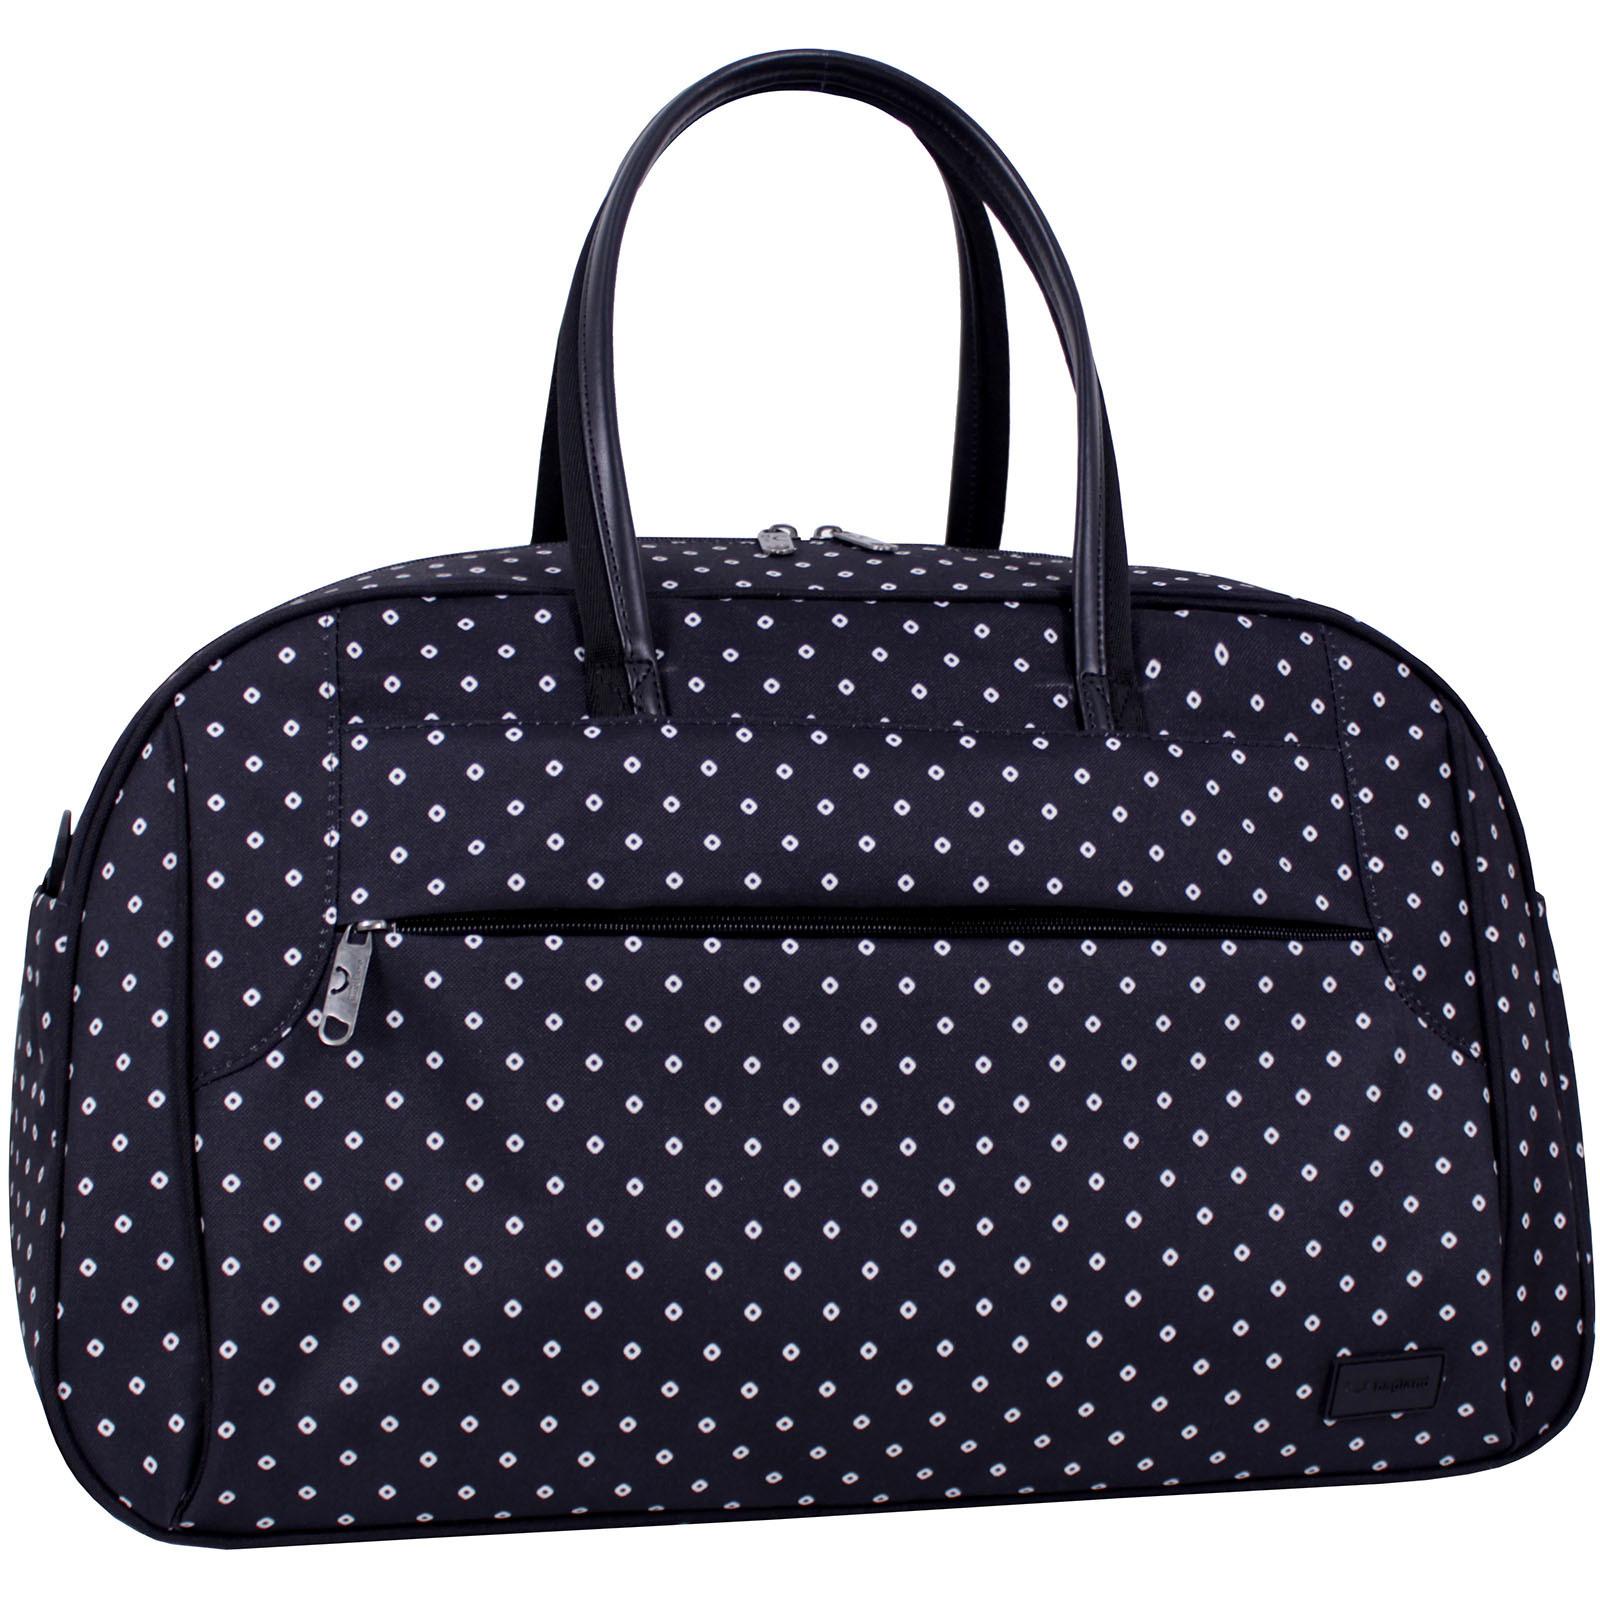 Дорожные сумки Сумка Bagland Тунис 34 л. Сублимация 462 (00390664) IMG_7132_суб.462_.JPG